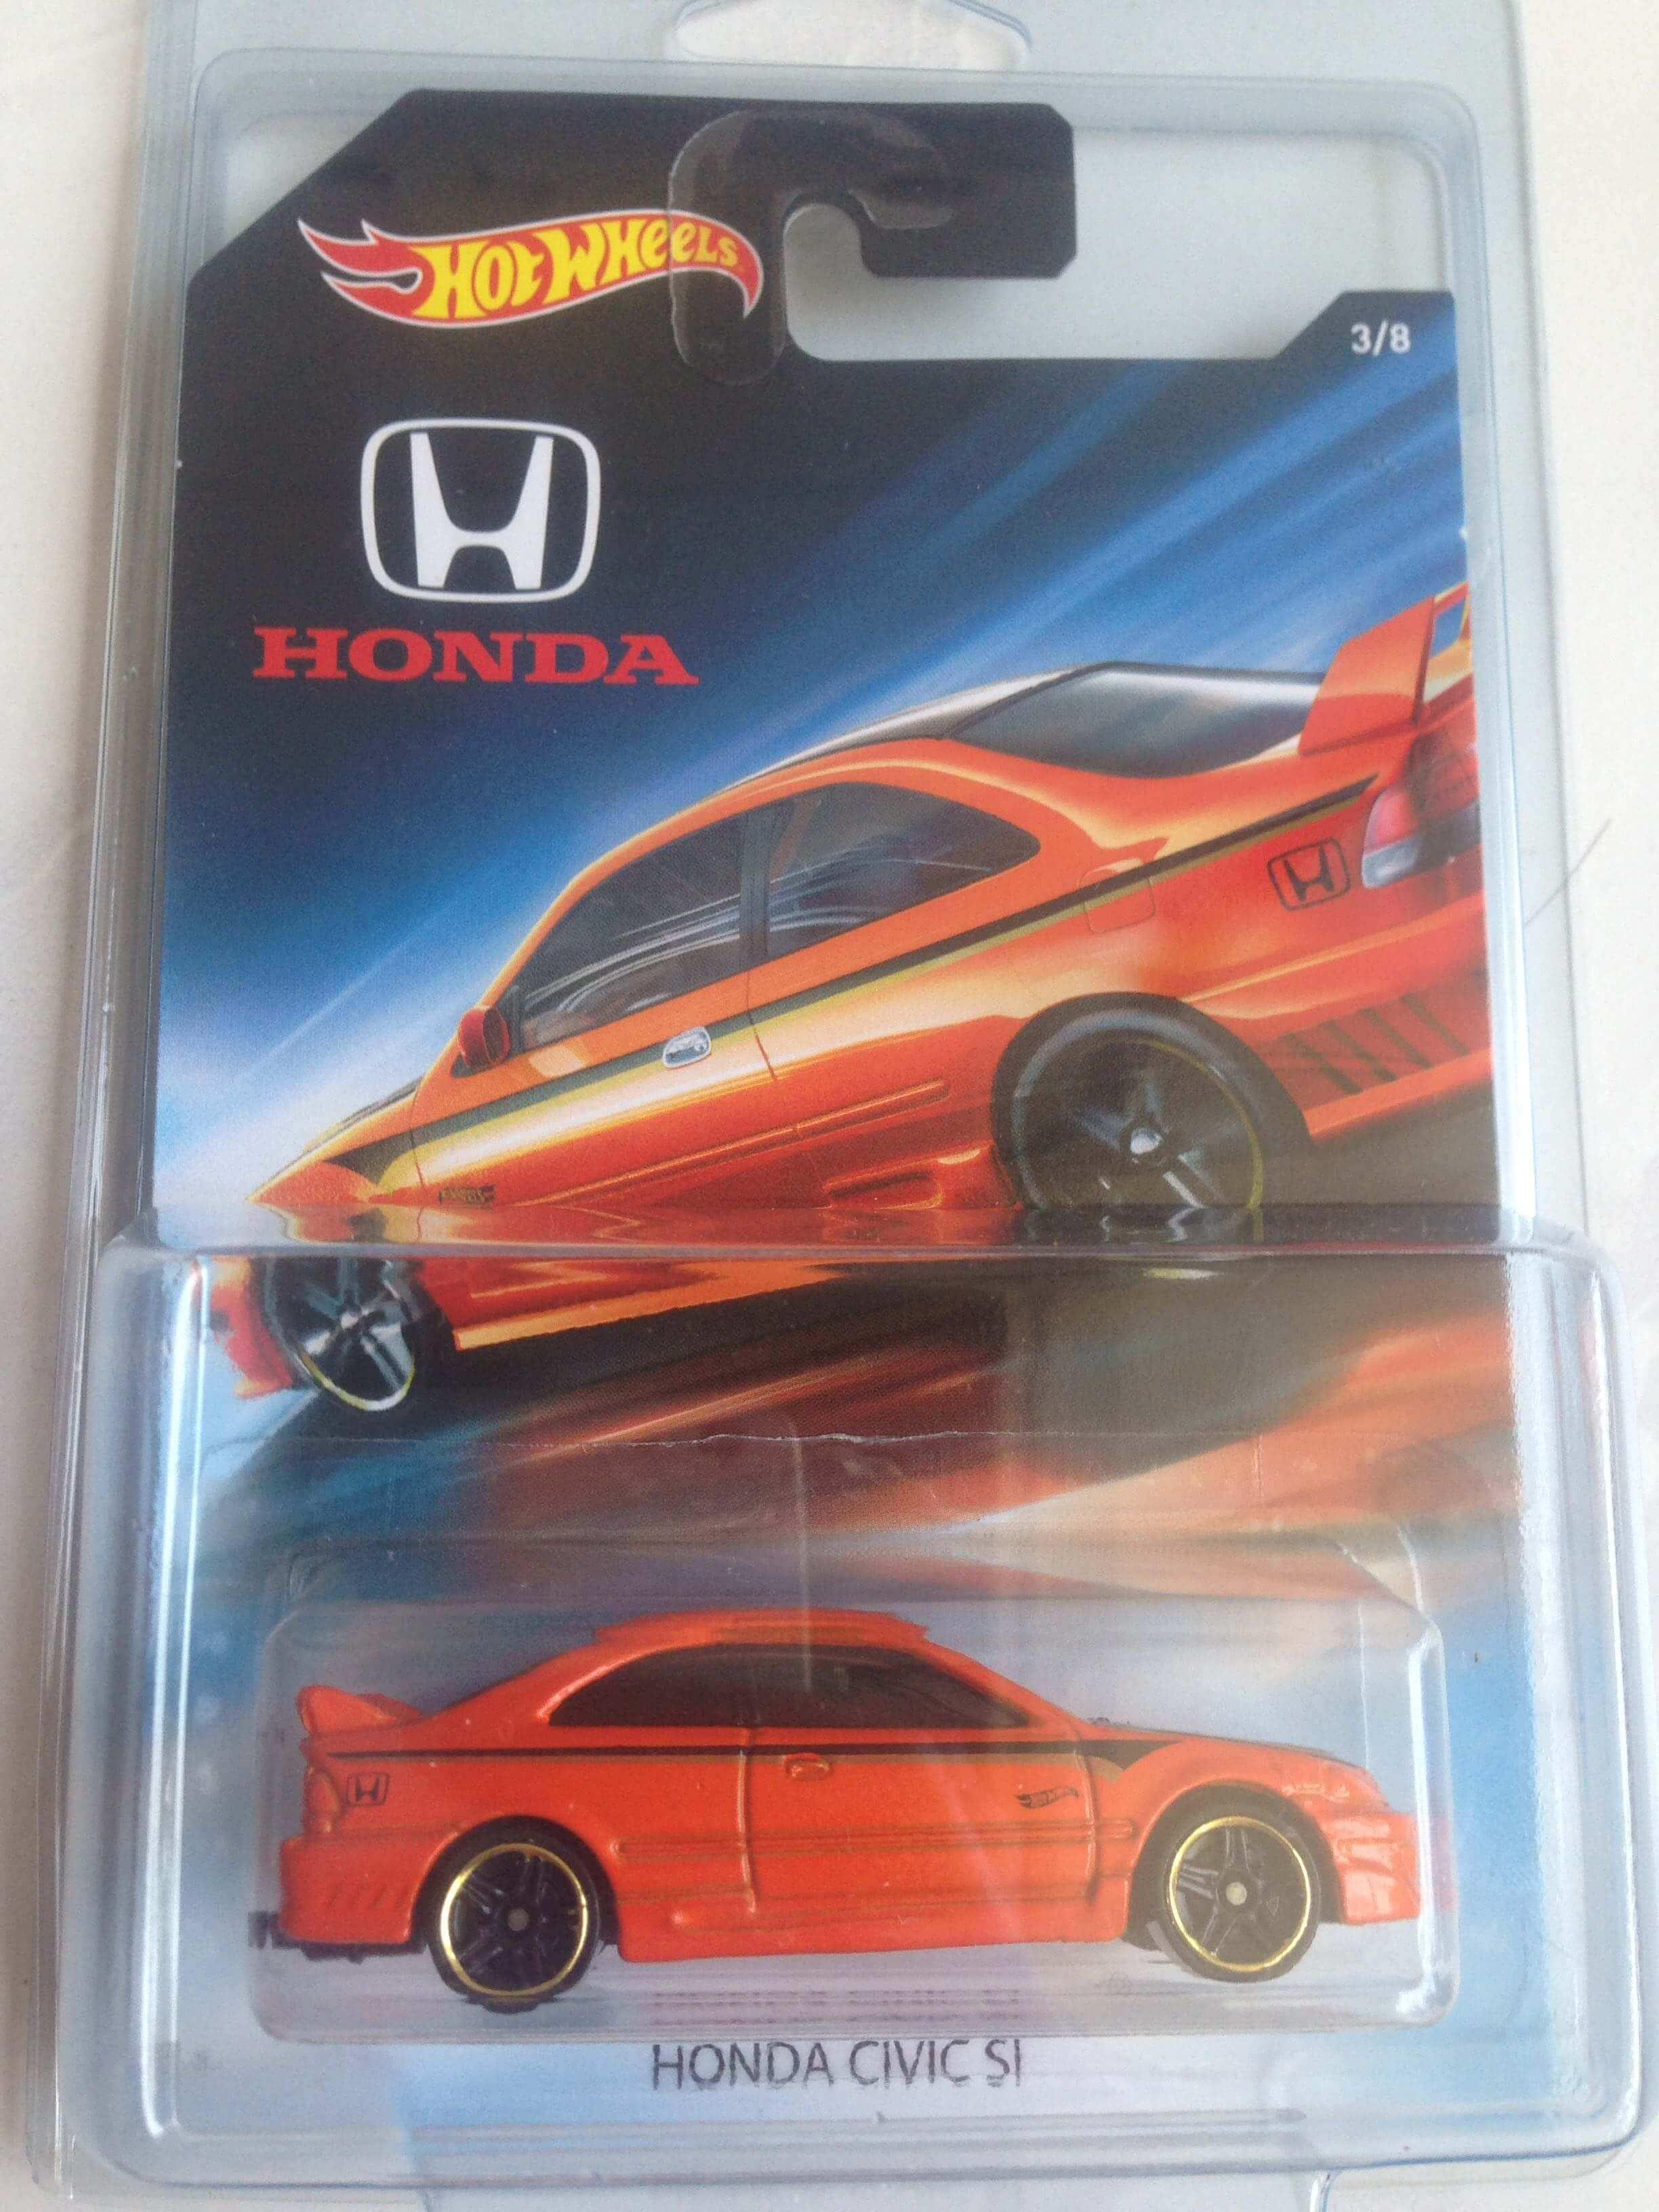 honda wheels series mobil civic langka si rp